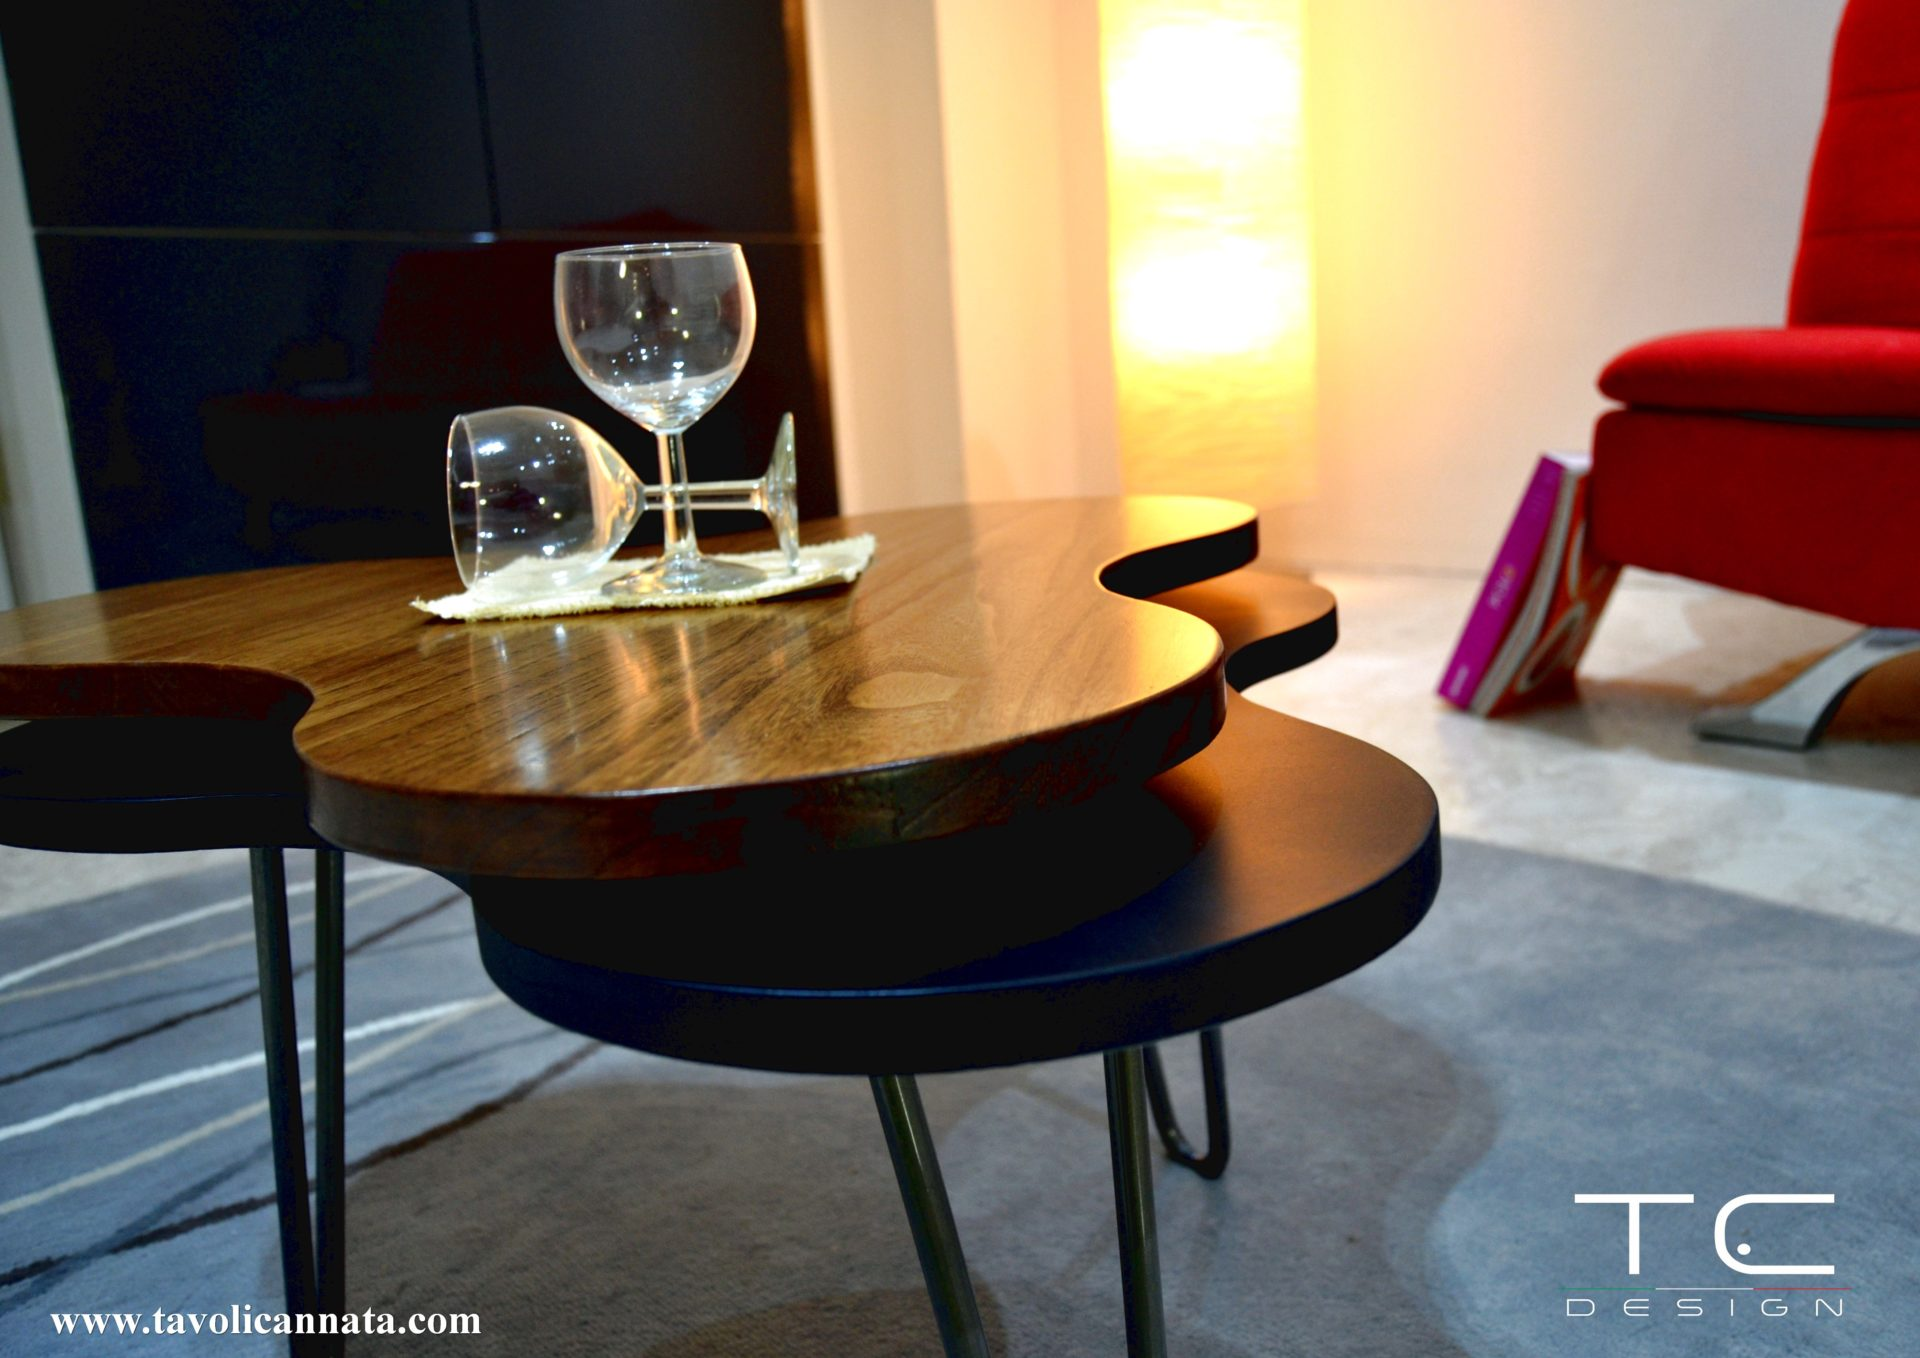 Tavolini per soggiorno moderni di design - Tavoli Cannata